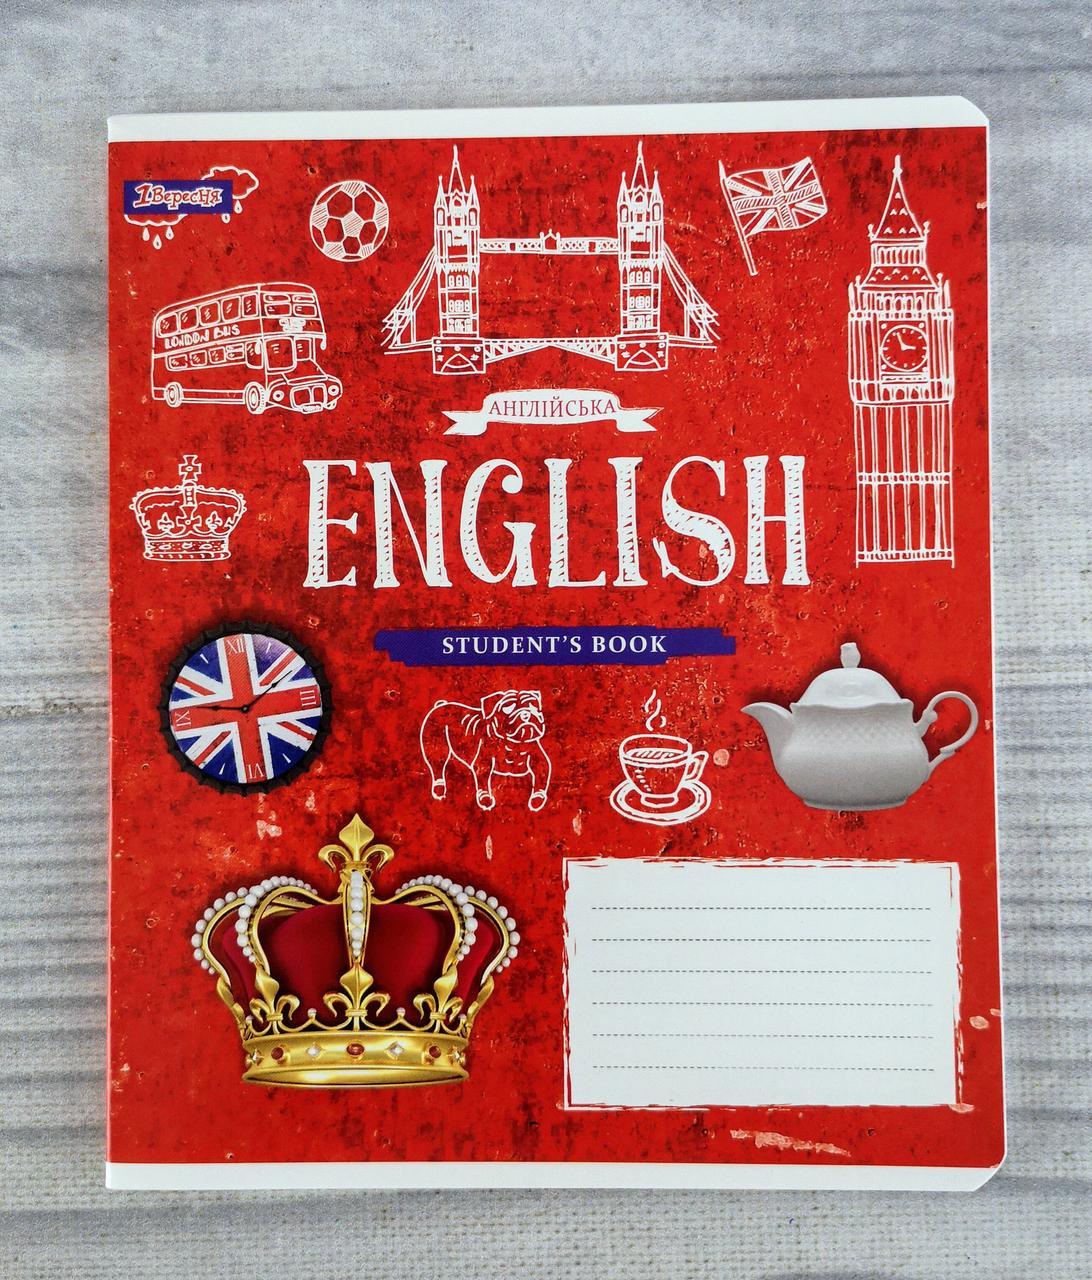 Тетрадь Предметная Английский язык №763157 Chalky линия 28339ФАнг 1 вересня Украина